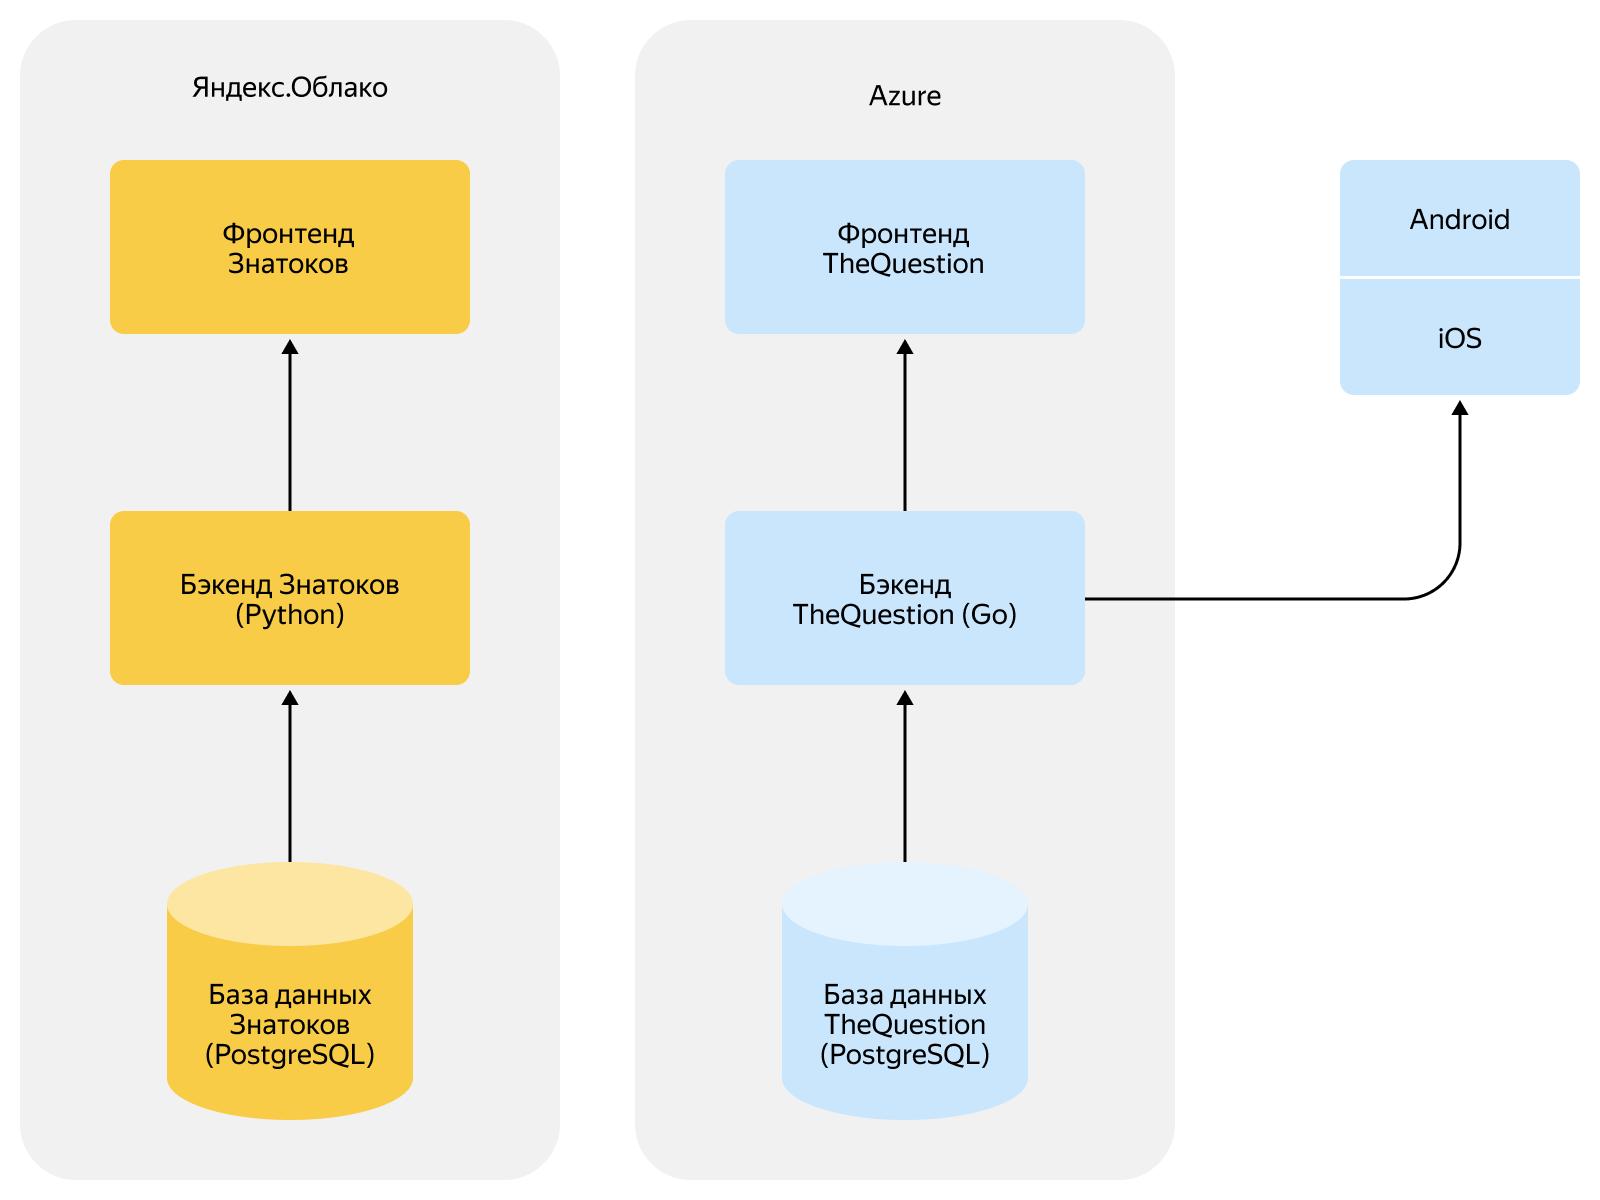 Как объединить две платформы в одну и не обидеть пользователей. Опыт разработчиков Яндекс.Кью - 2